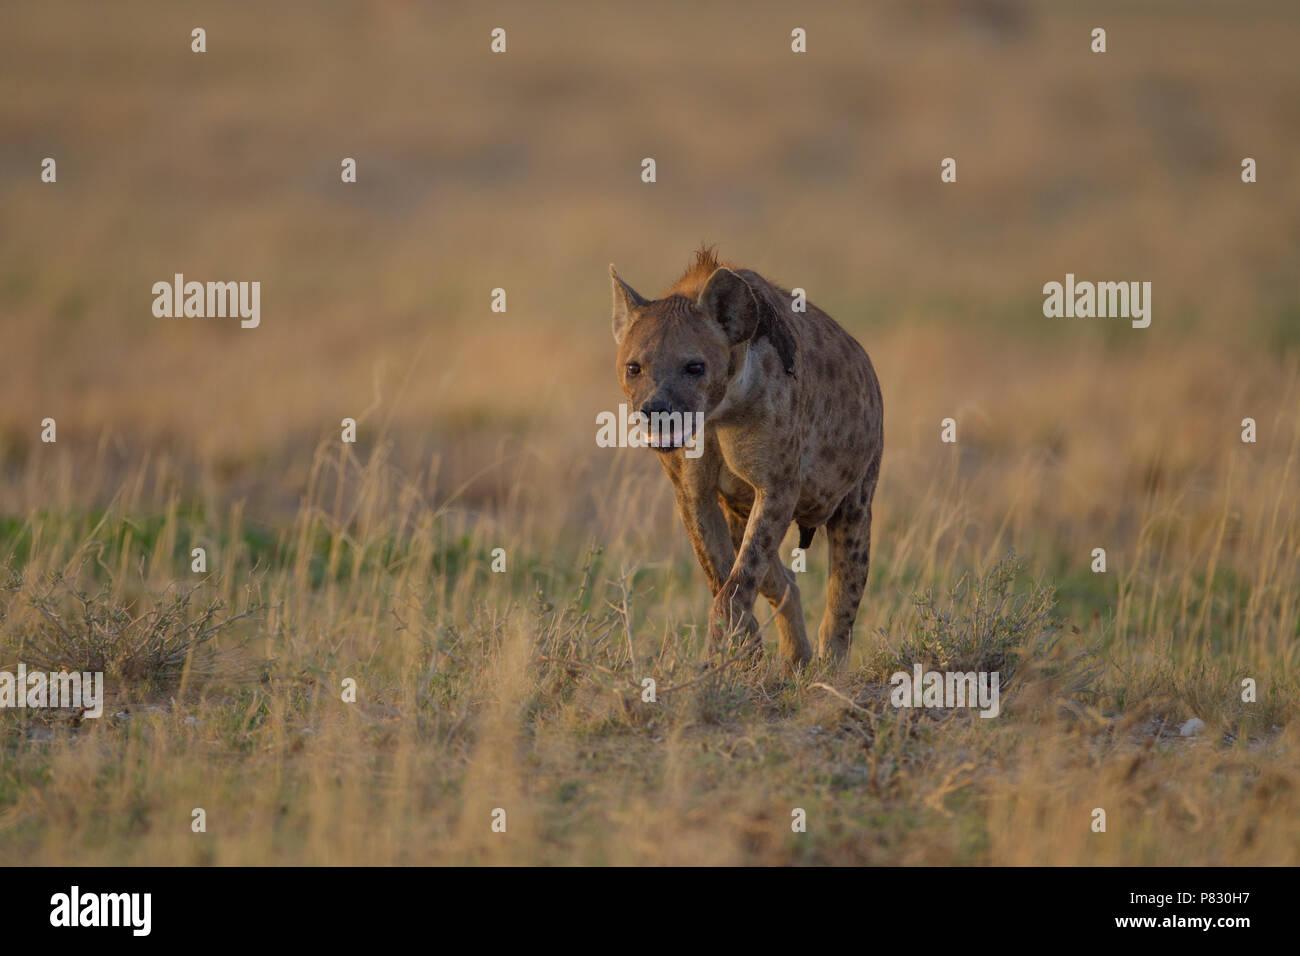 Hyena walking towards the camera in Etosha - Stock Image